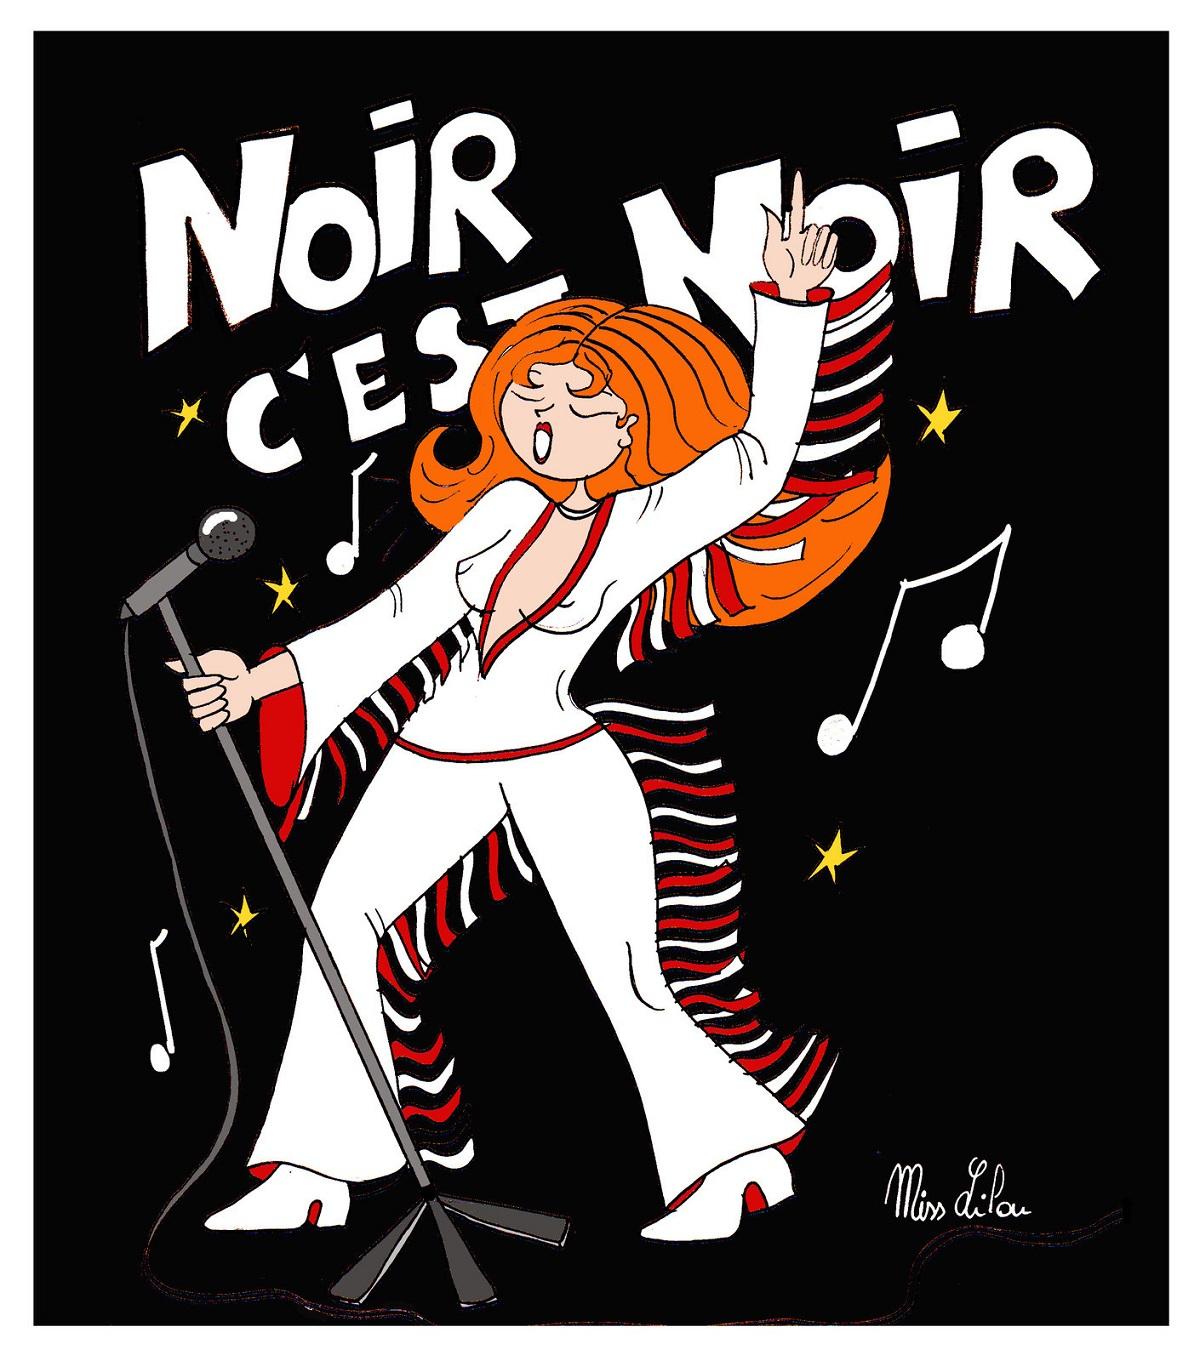 """dessin humoristique d'une chanteuse en train d'interprèter """"Noir c'est noir"""" de Johnny Hallyday"""